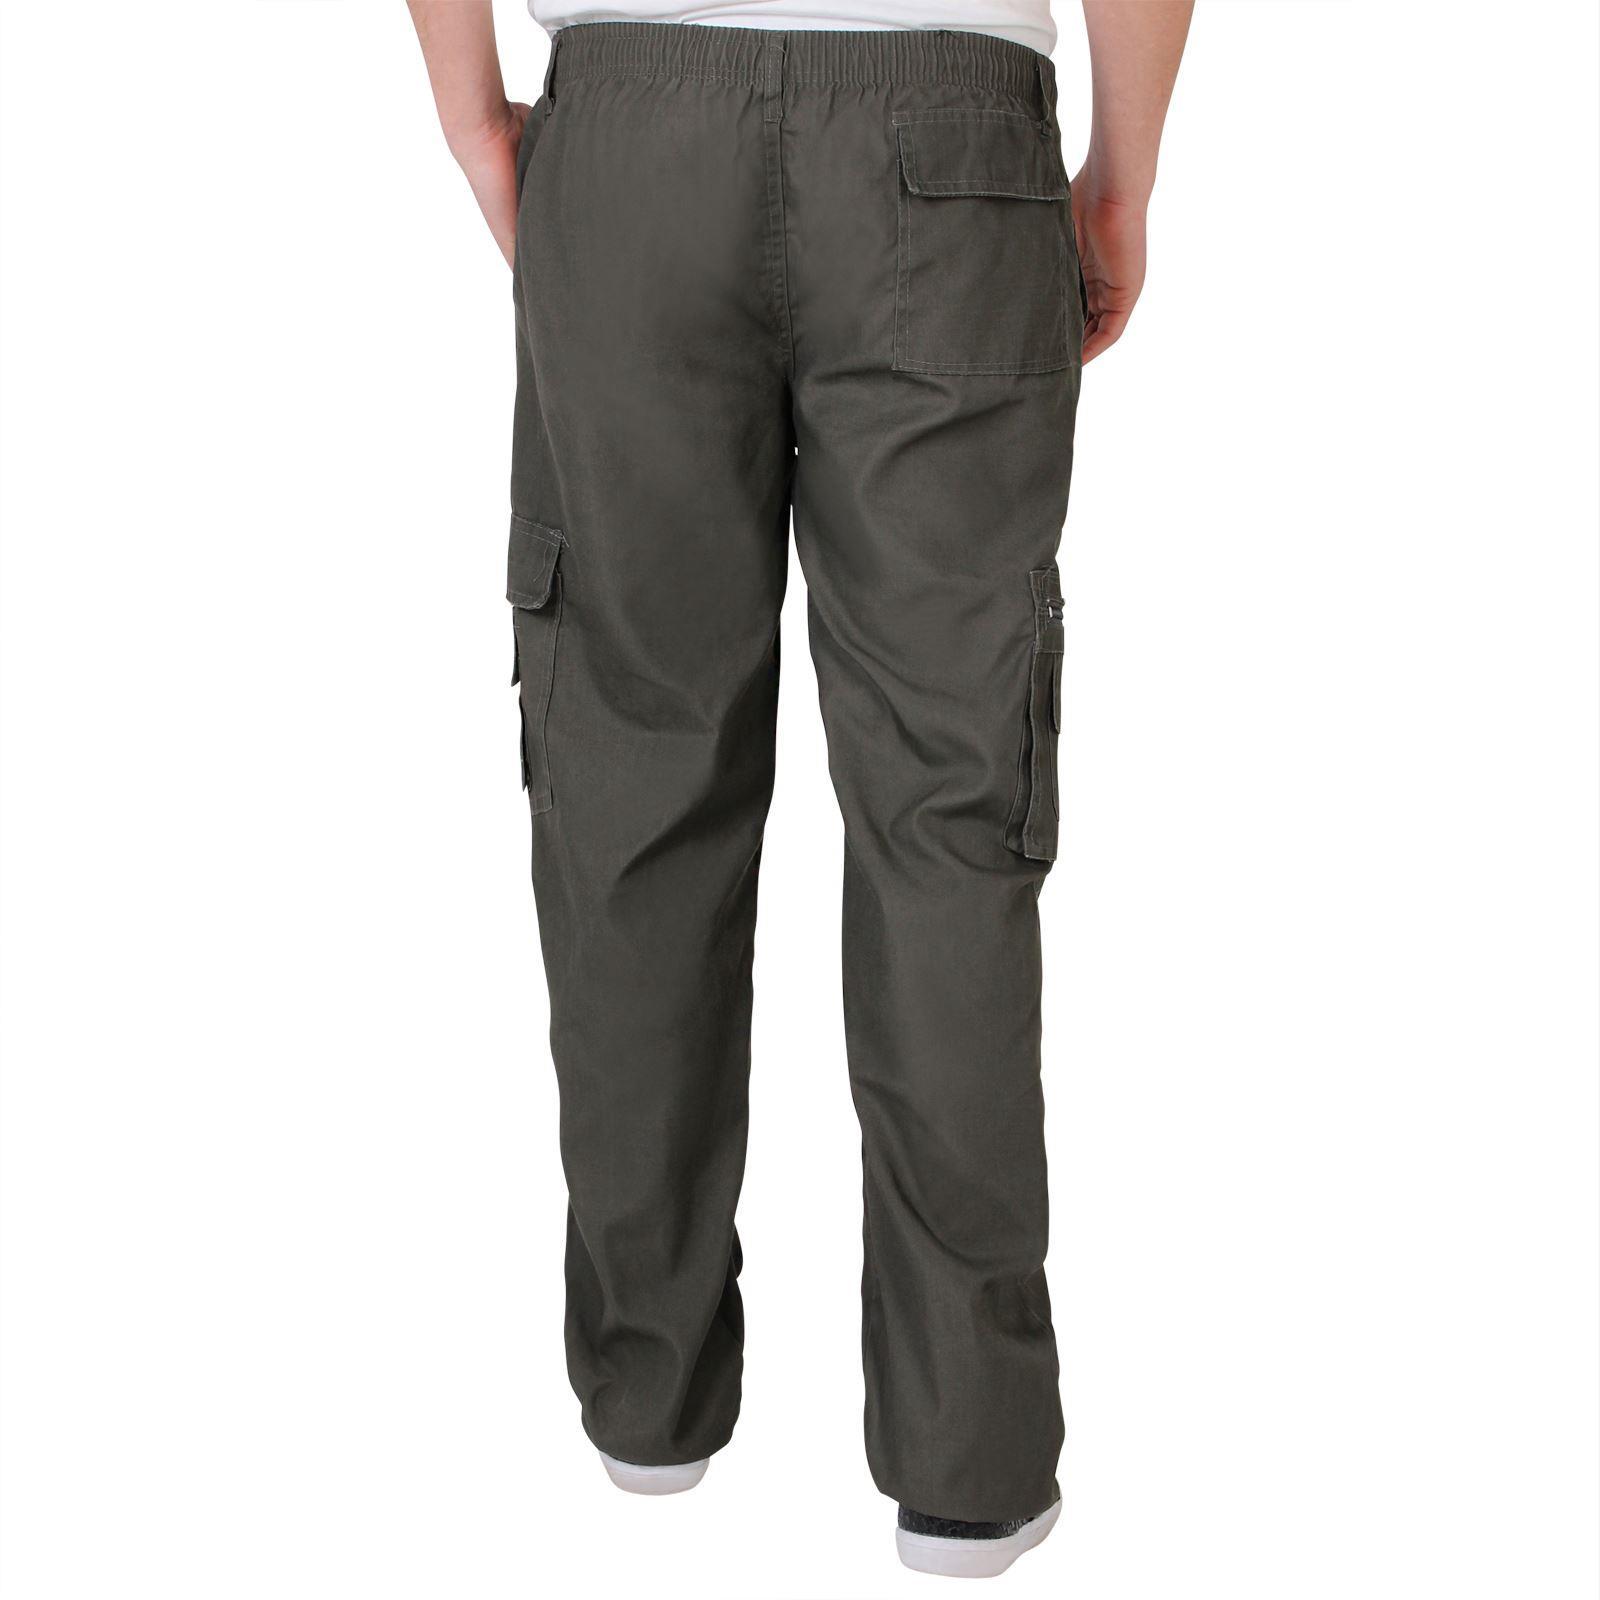 Uomo-Militare-Cargo-Pantaloni-Cotone-Lavoro-Chino-Casual-Kaki miniatura 9